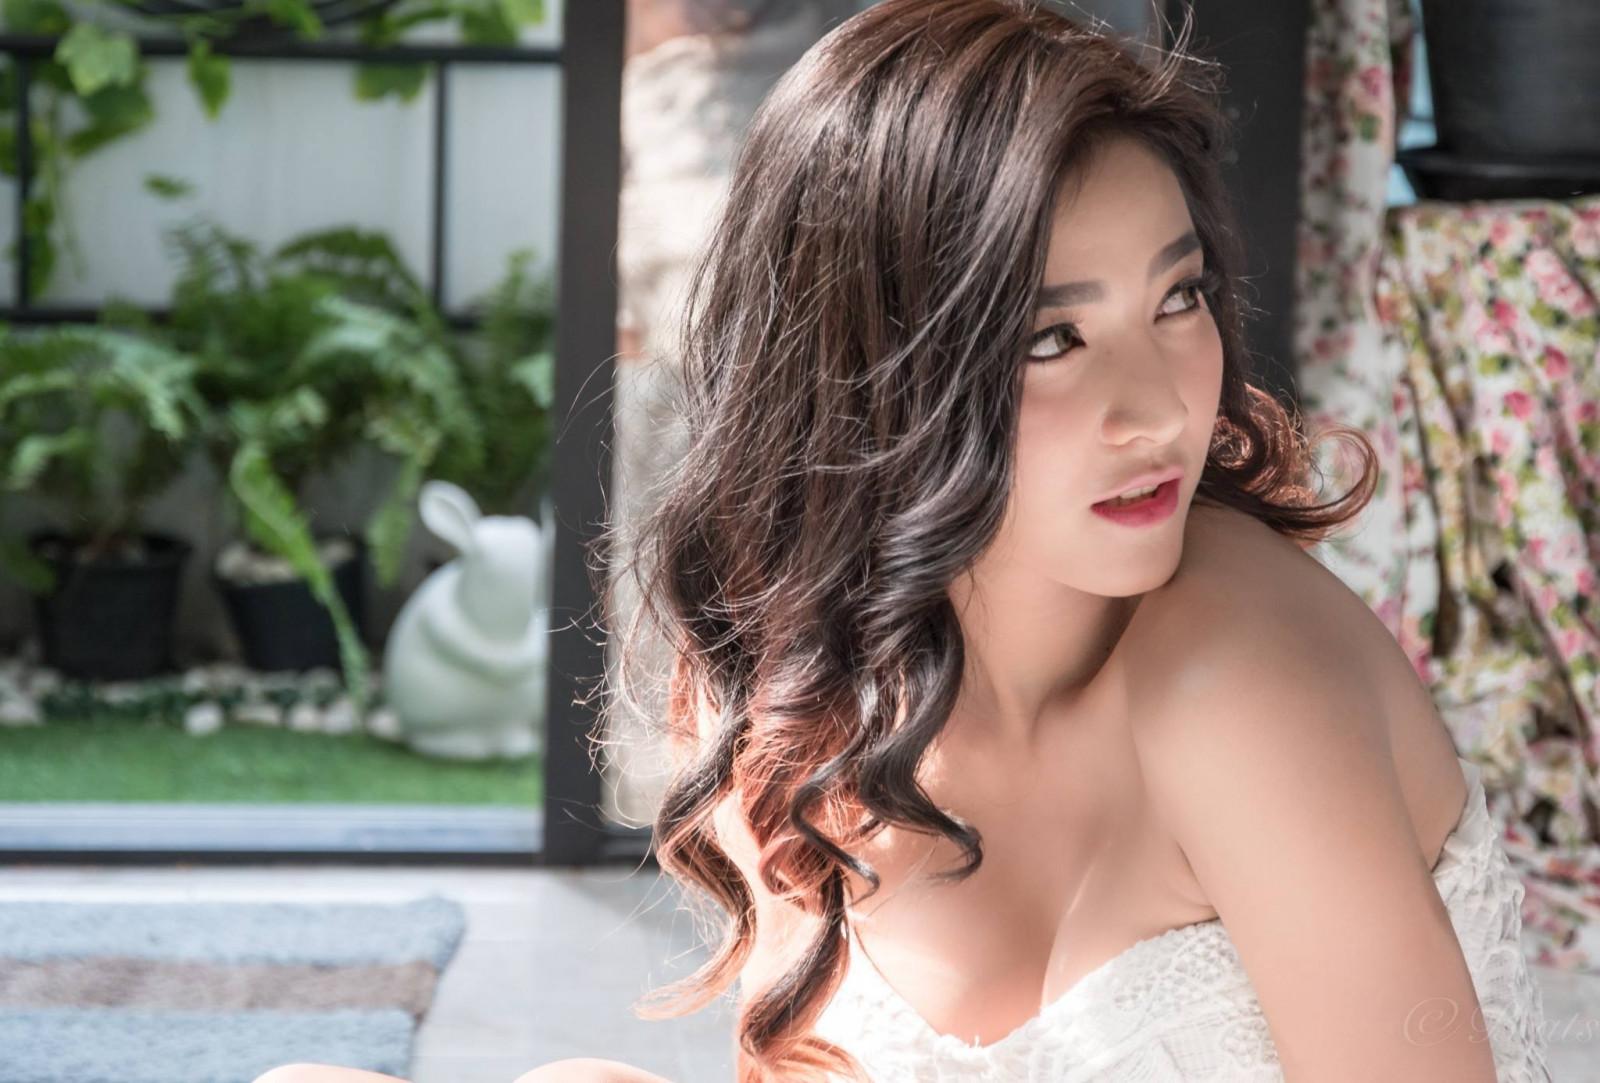 Koko rosjares – Thailan Super model part1